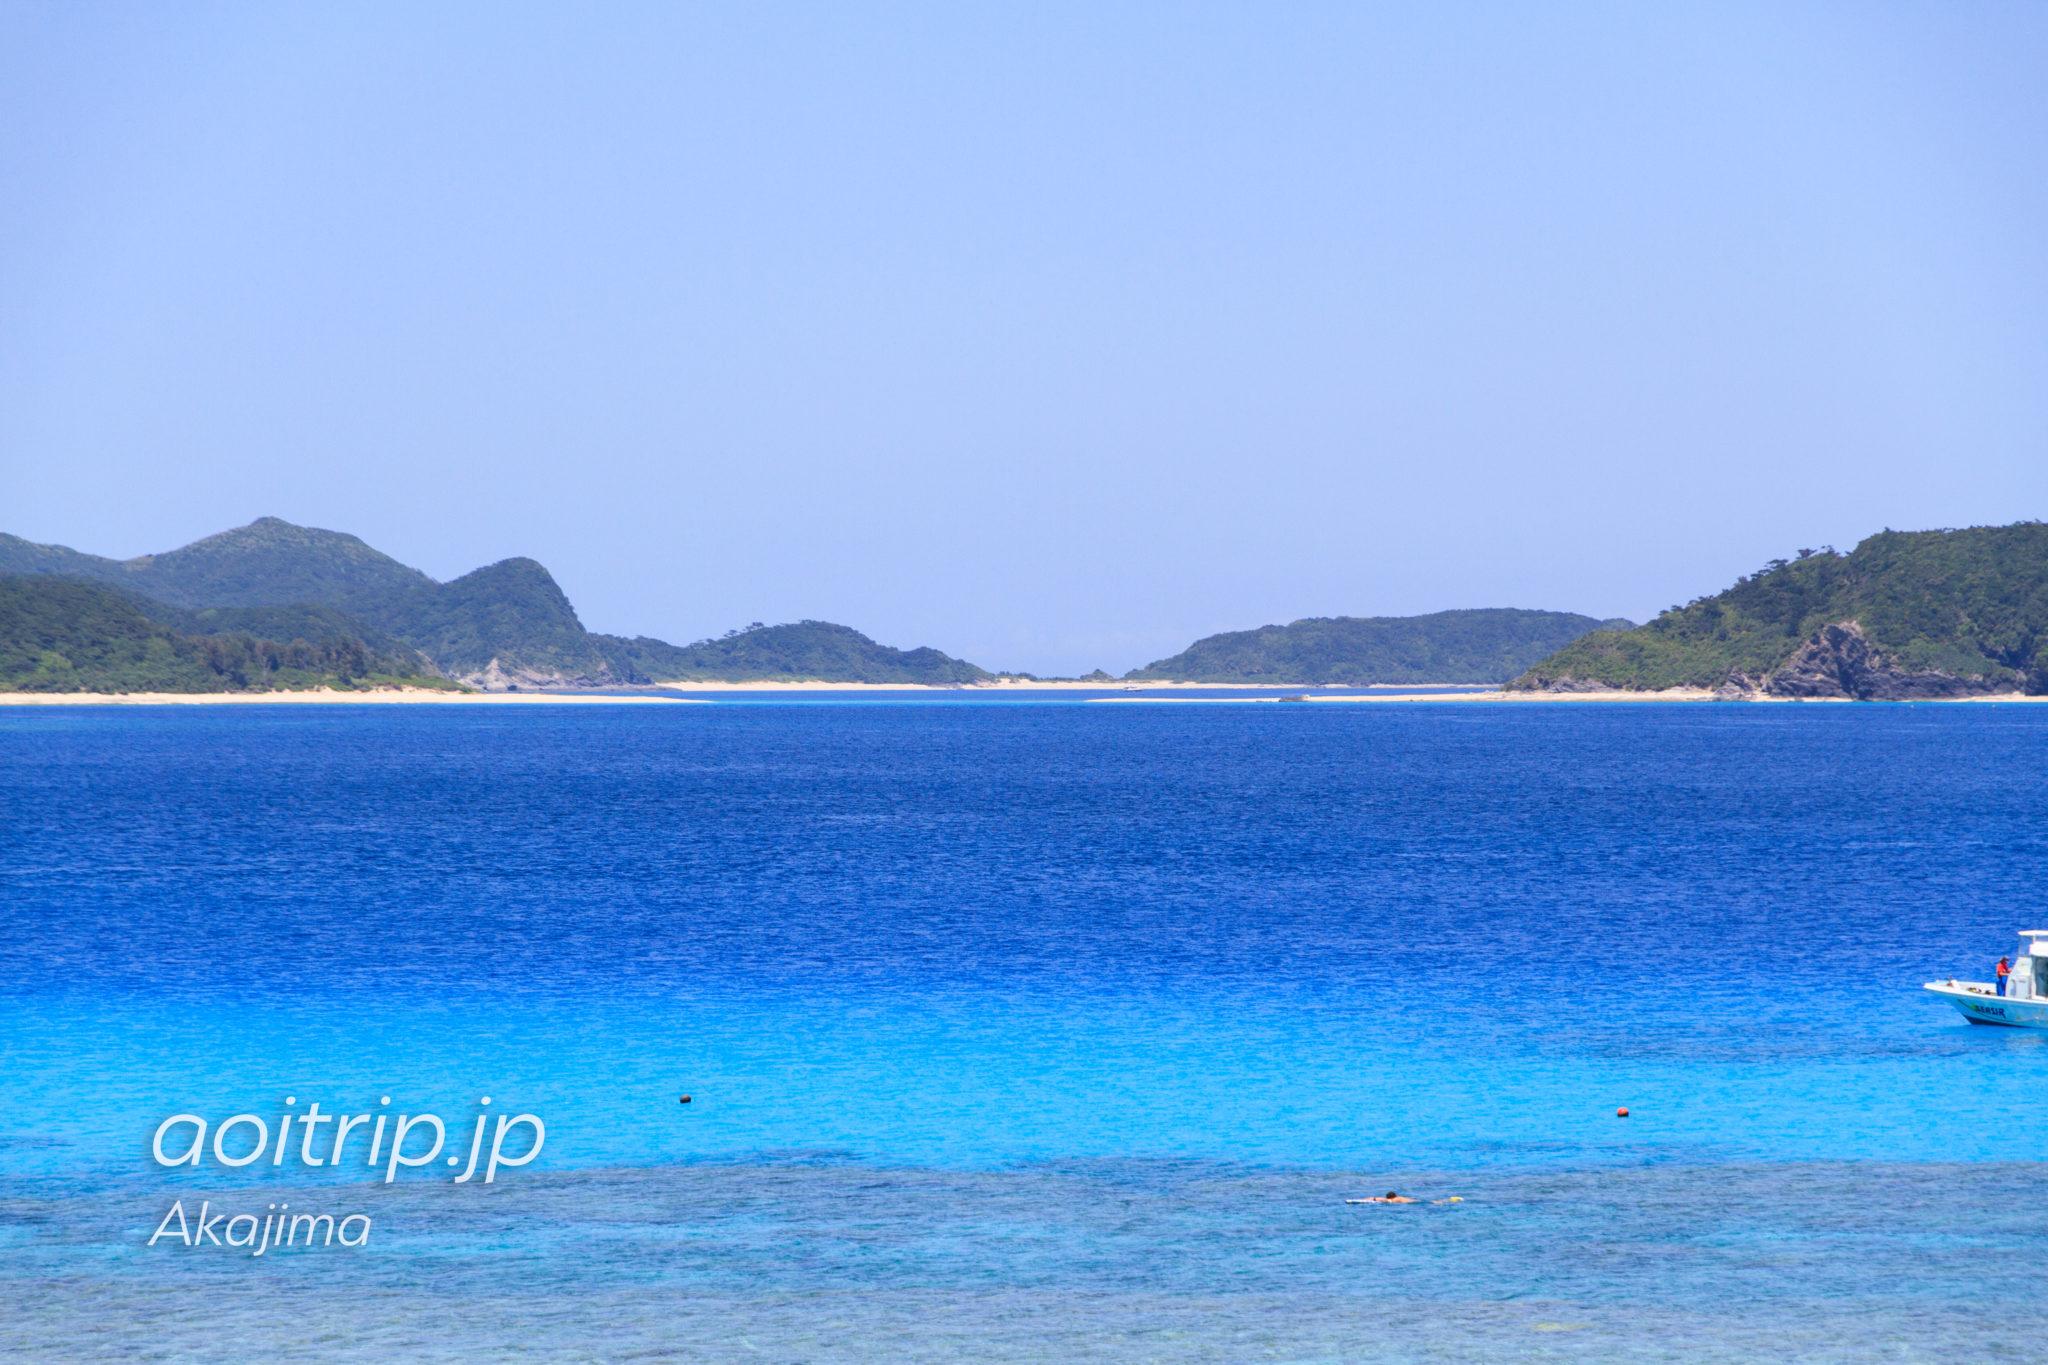 阿嘉島の北浜ビーチ